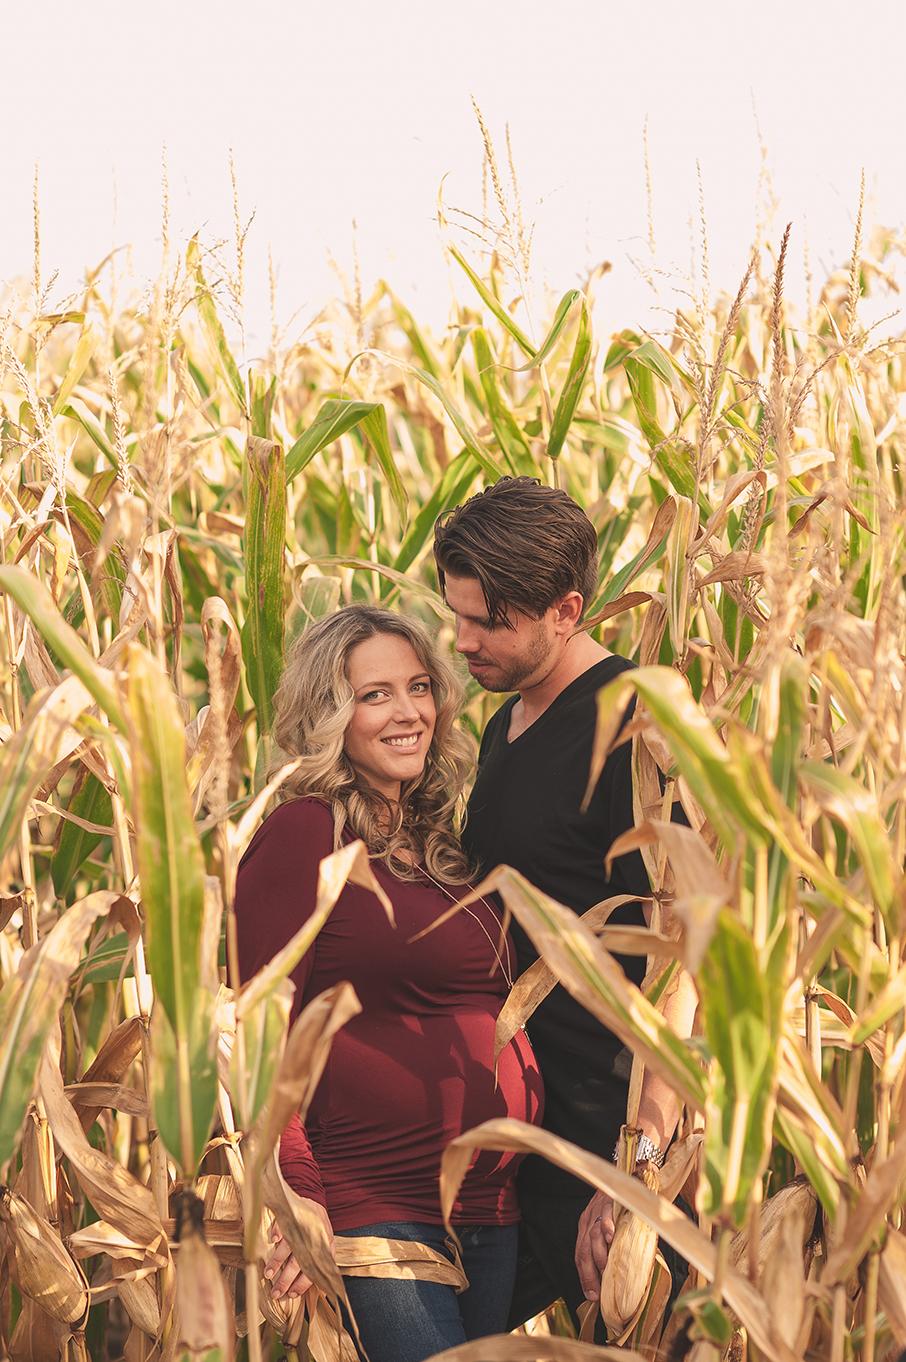 Stephanie&Joe_Maternity-58.jpg